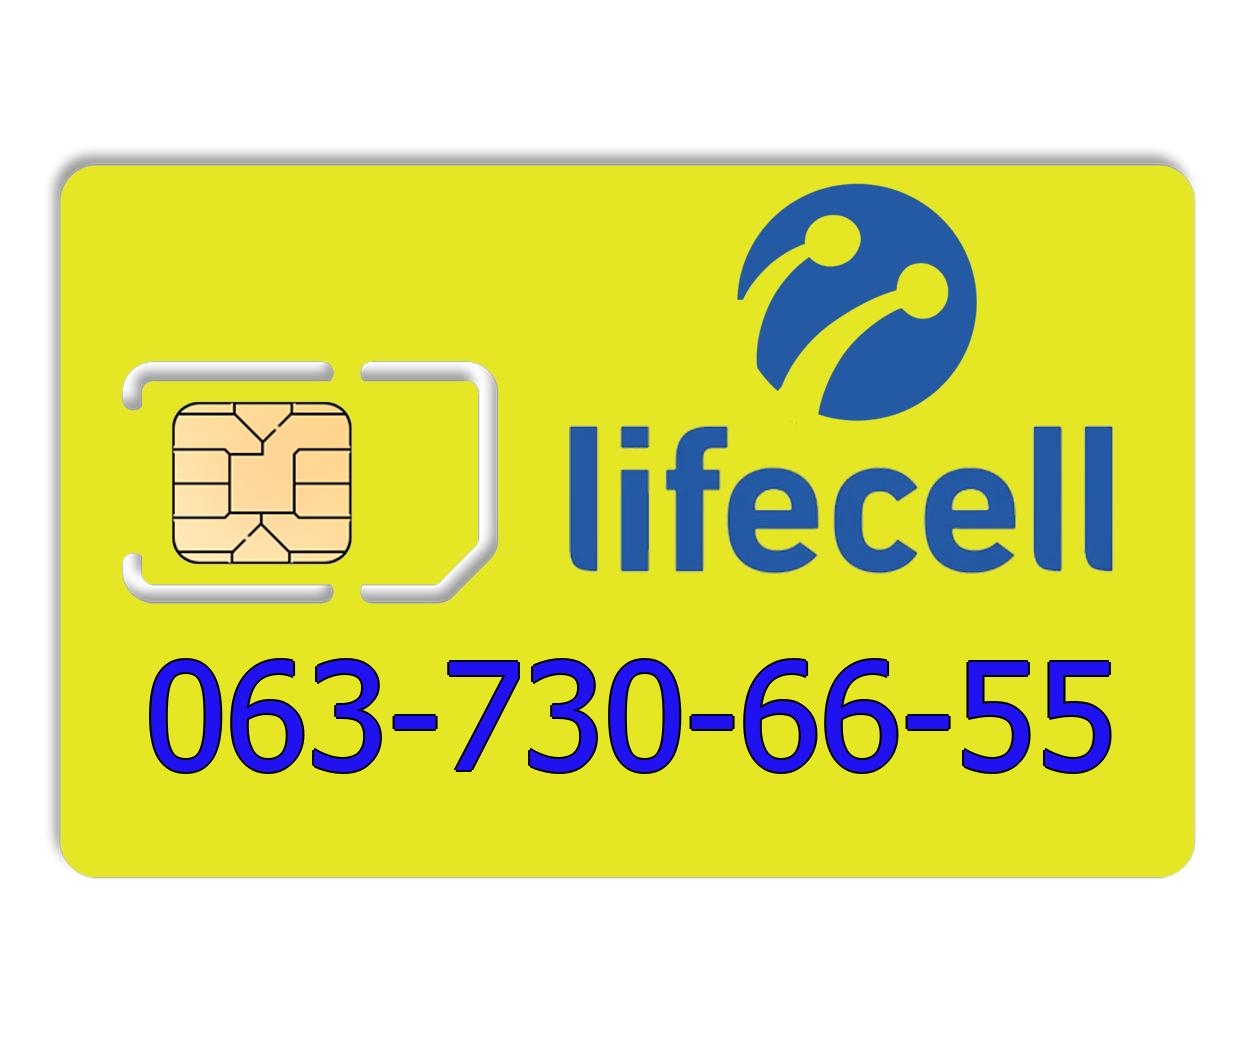 Красивый номер lifecell 063-730-66-55